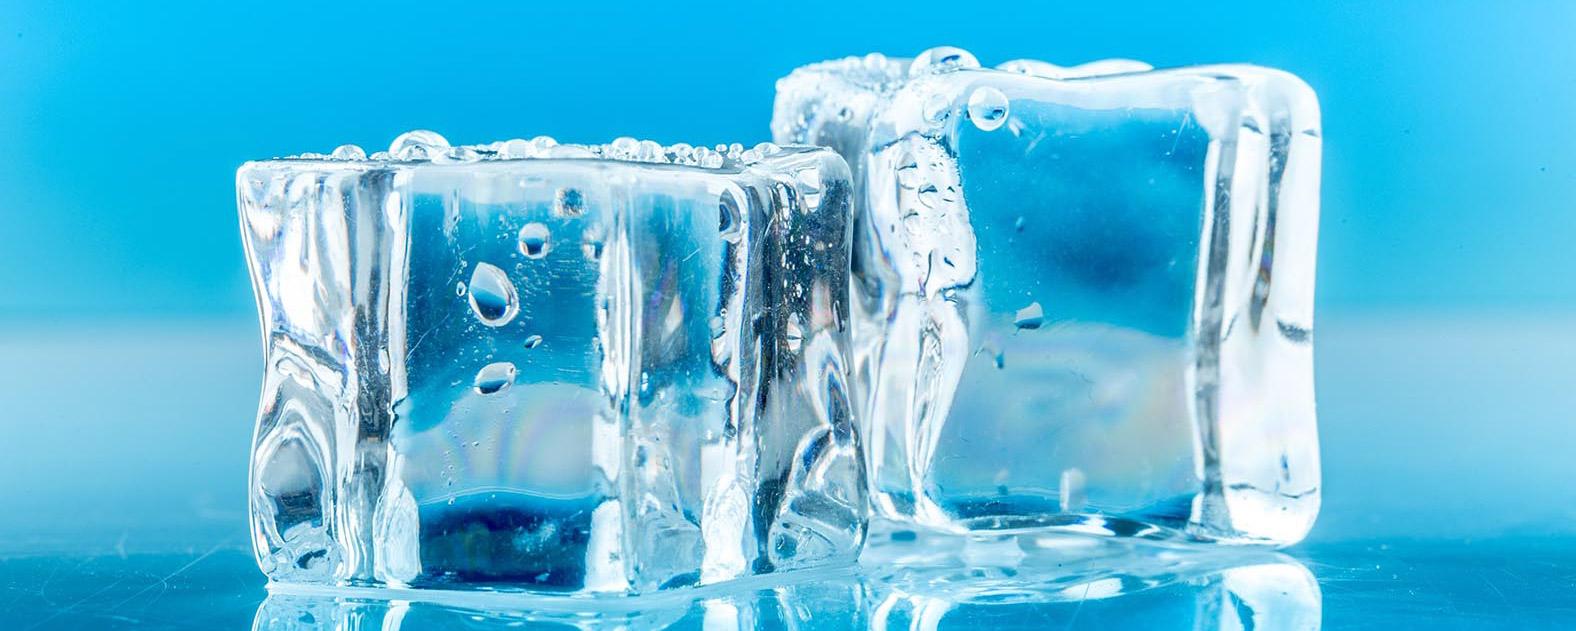 Tại sao nước đá có viên trắng đục, số khác lại trong veo?